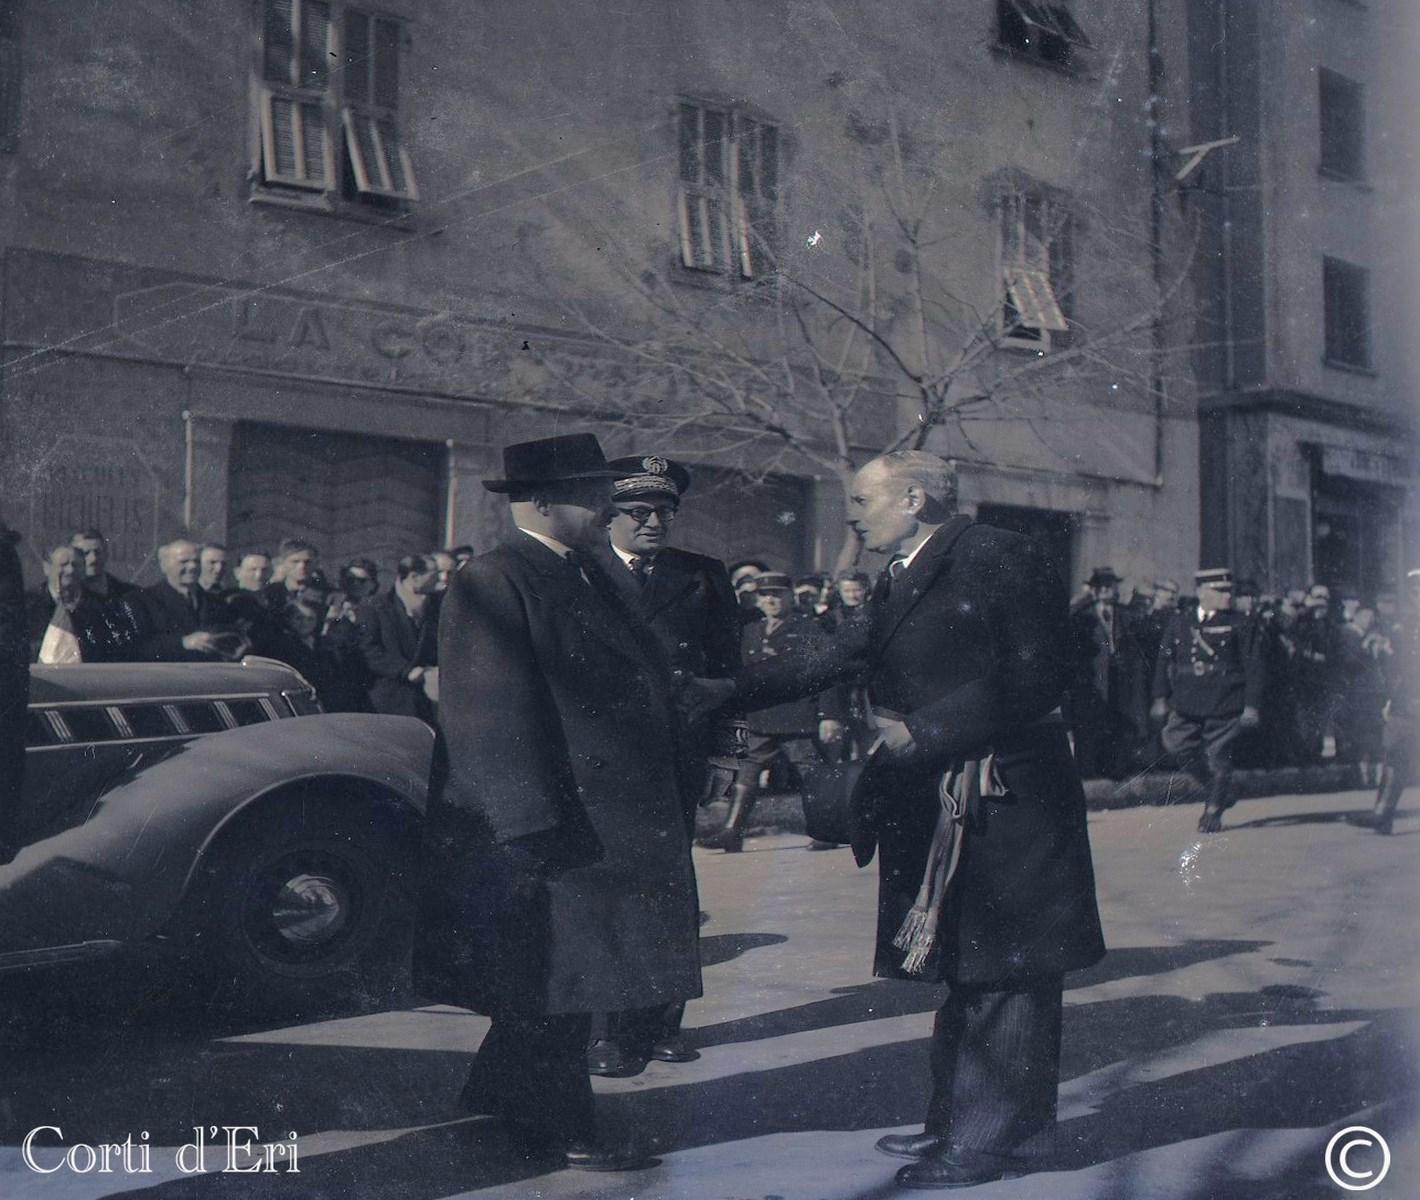 Andr le troquer corti d 39 eri for Ministre interieur 1960